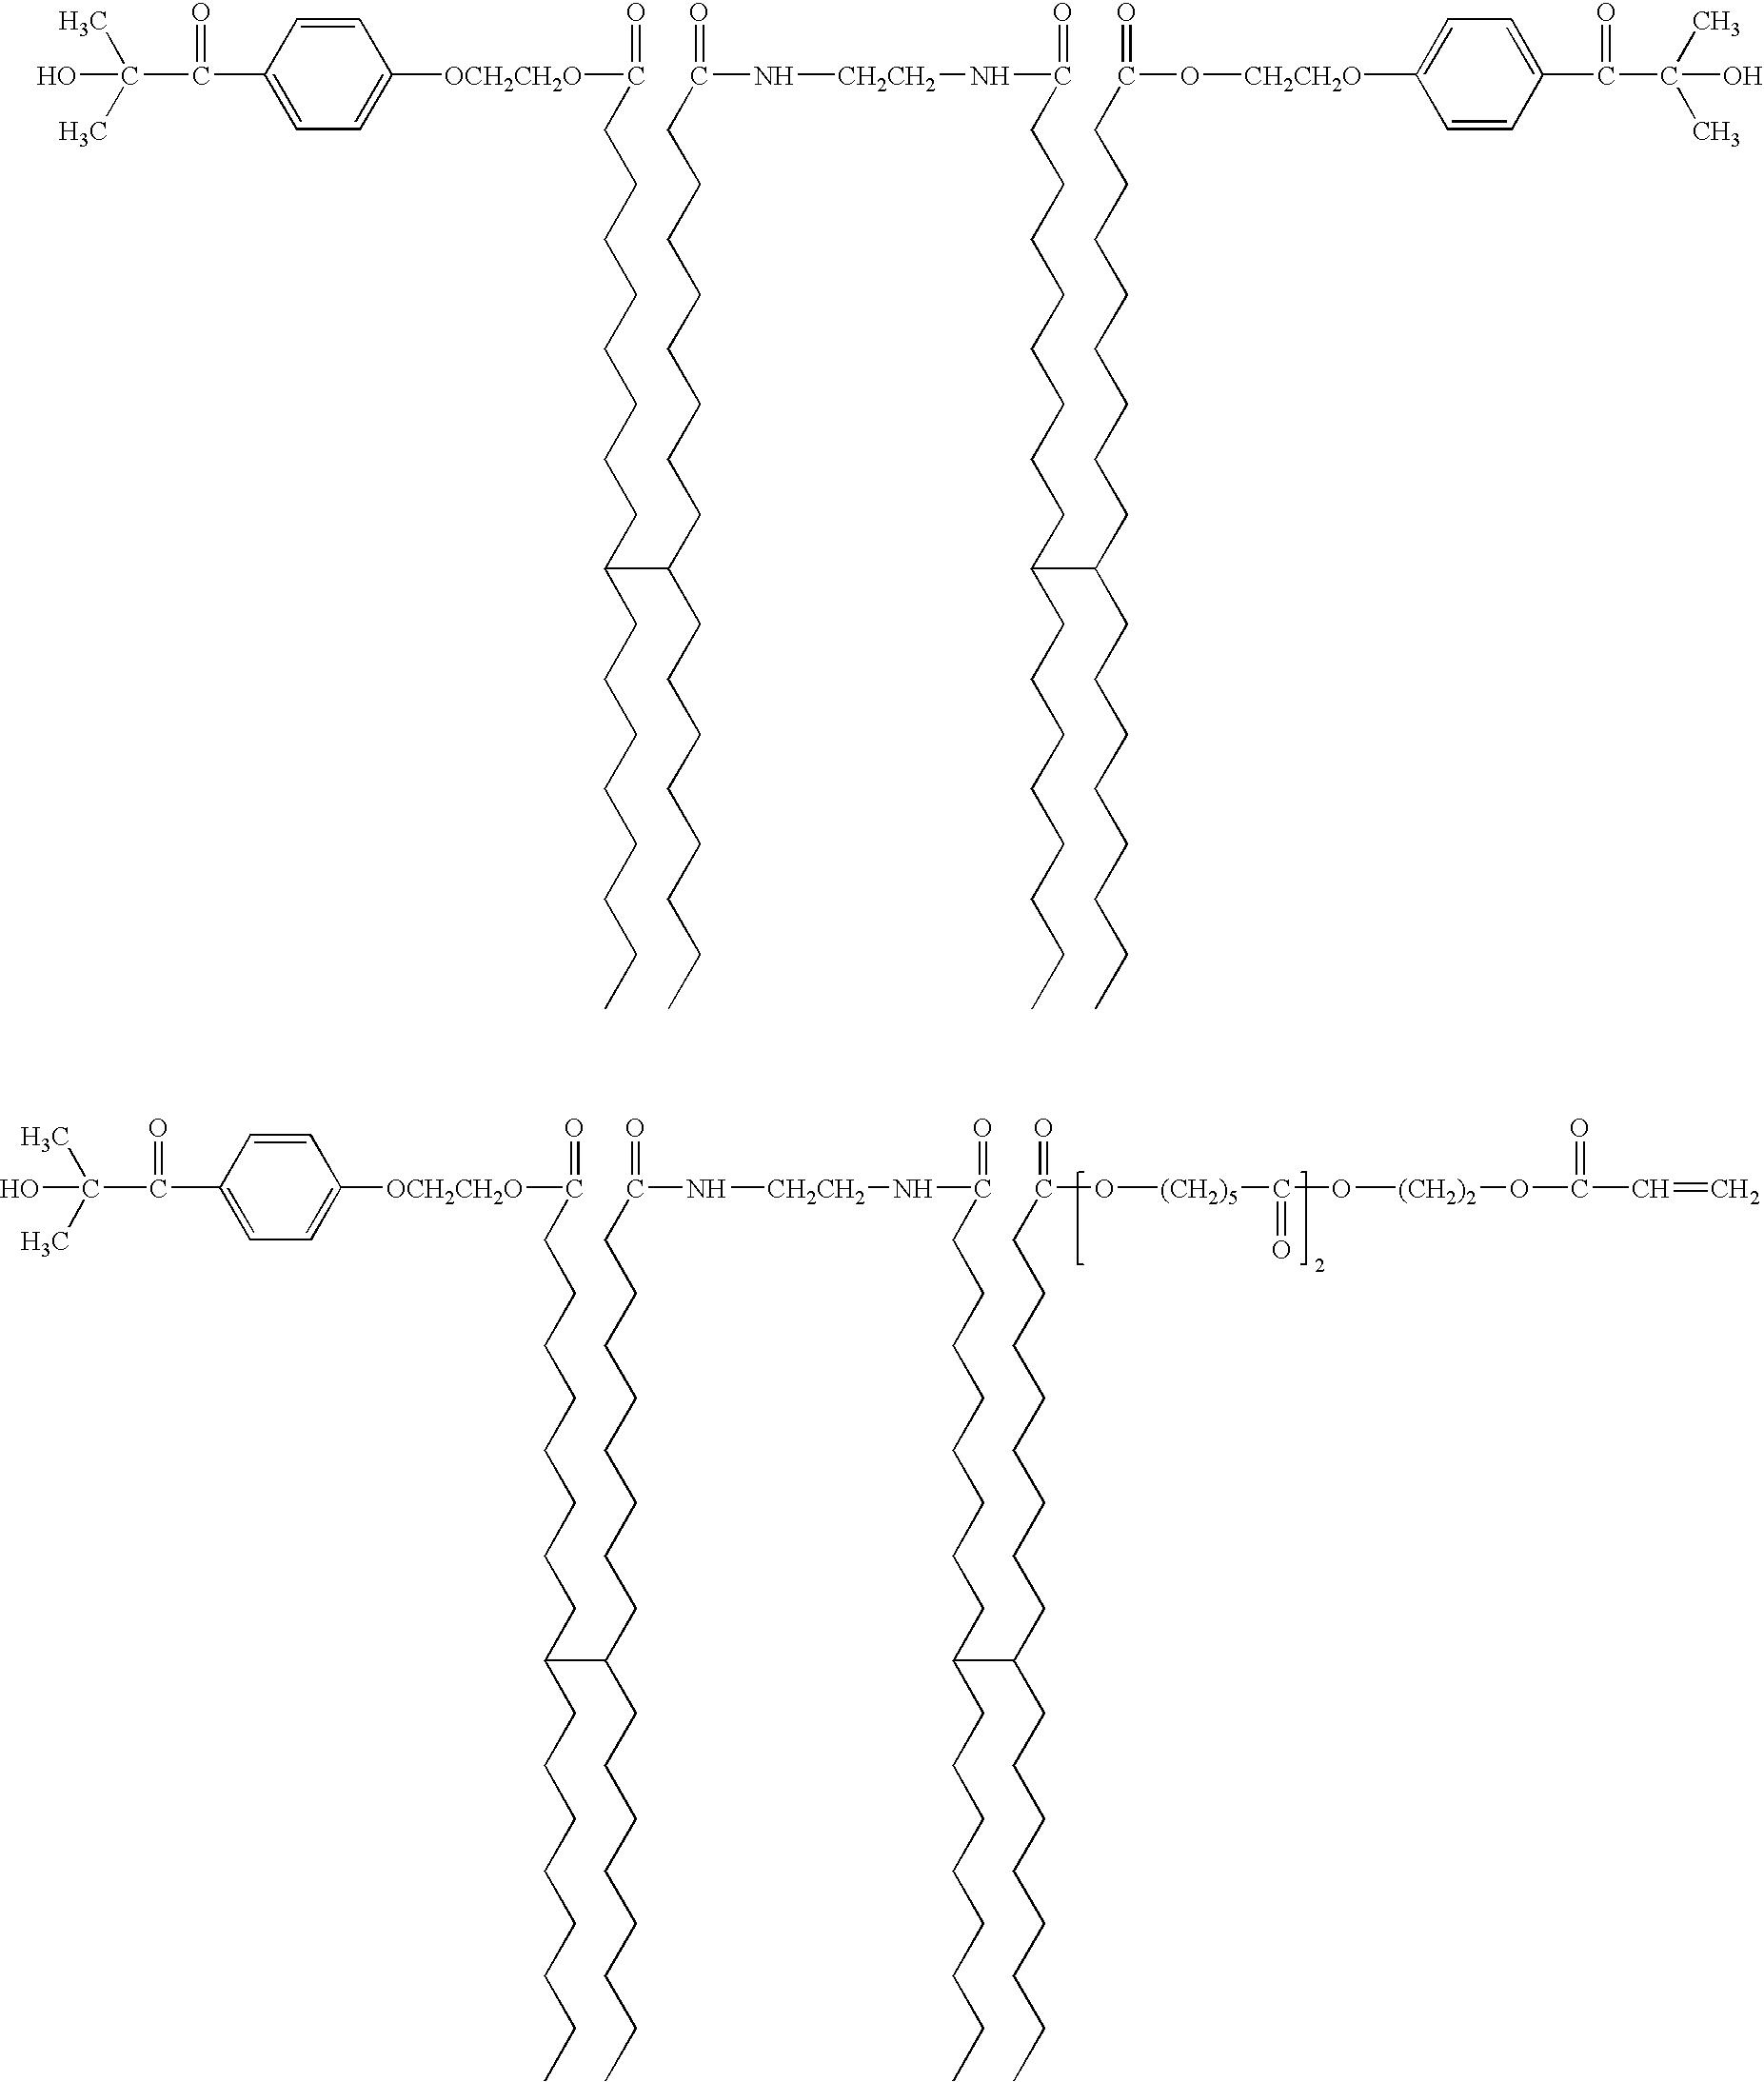 Figure US20070120910A1-20070531-C00041